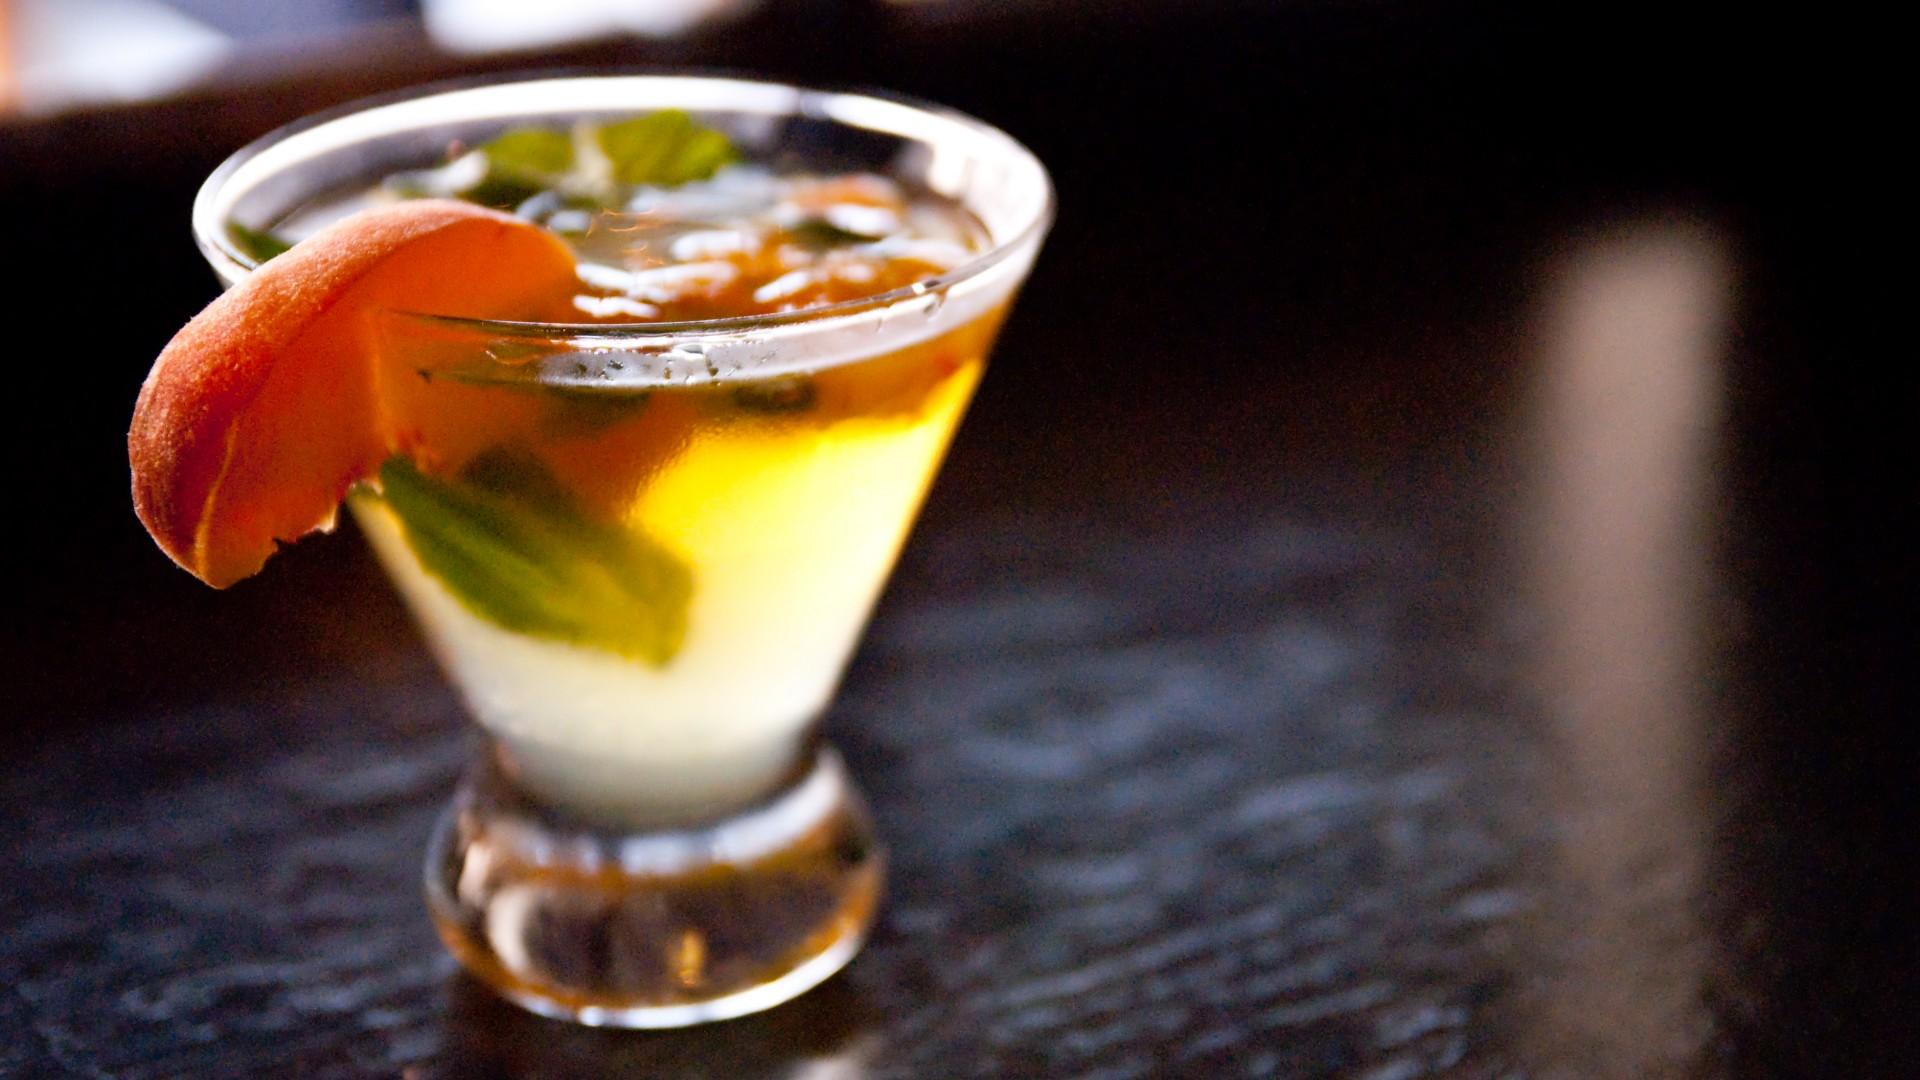 Wallpaper cocktails shots mint orange rum food 761 for Food bar orange